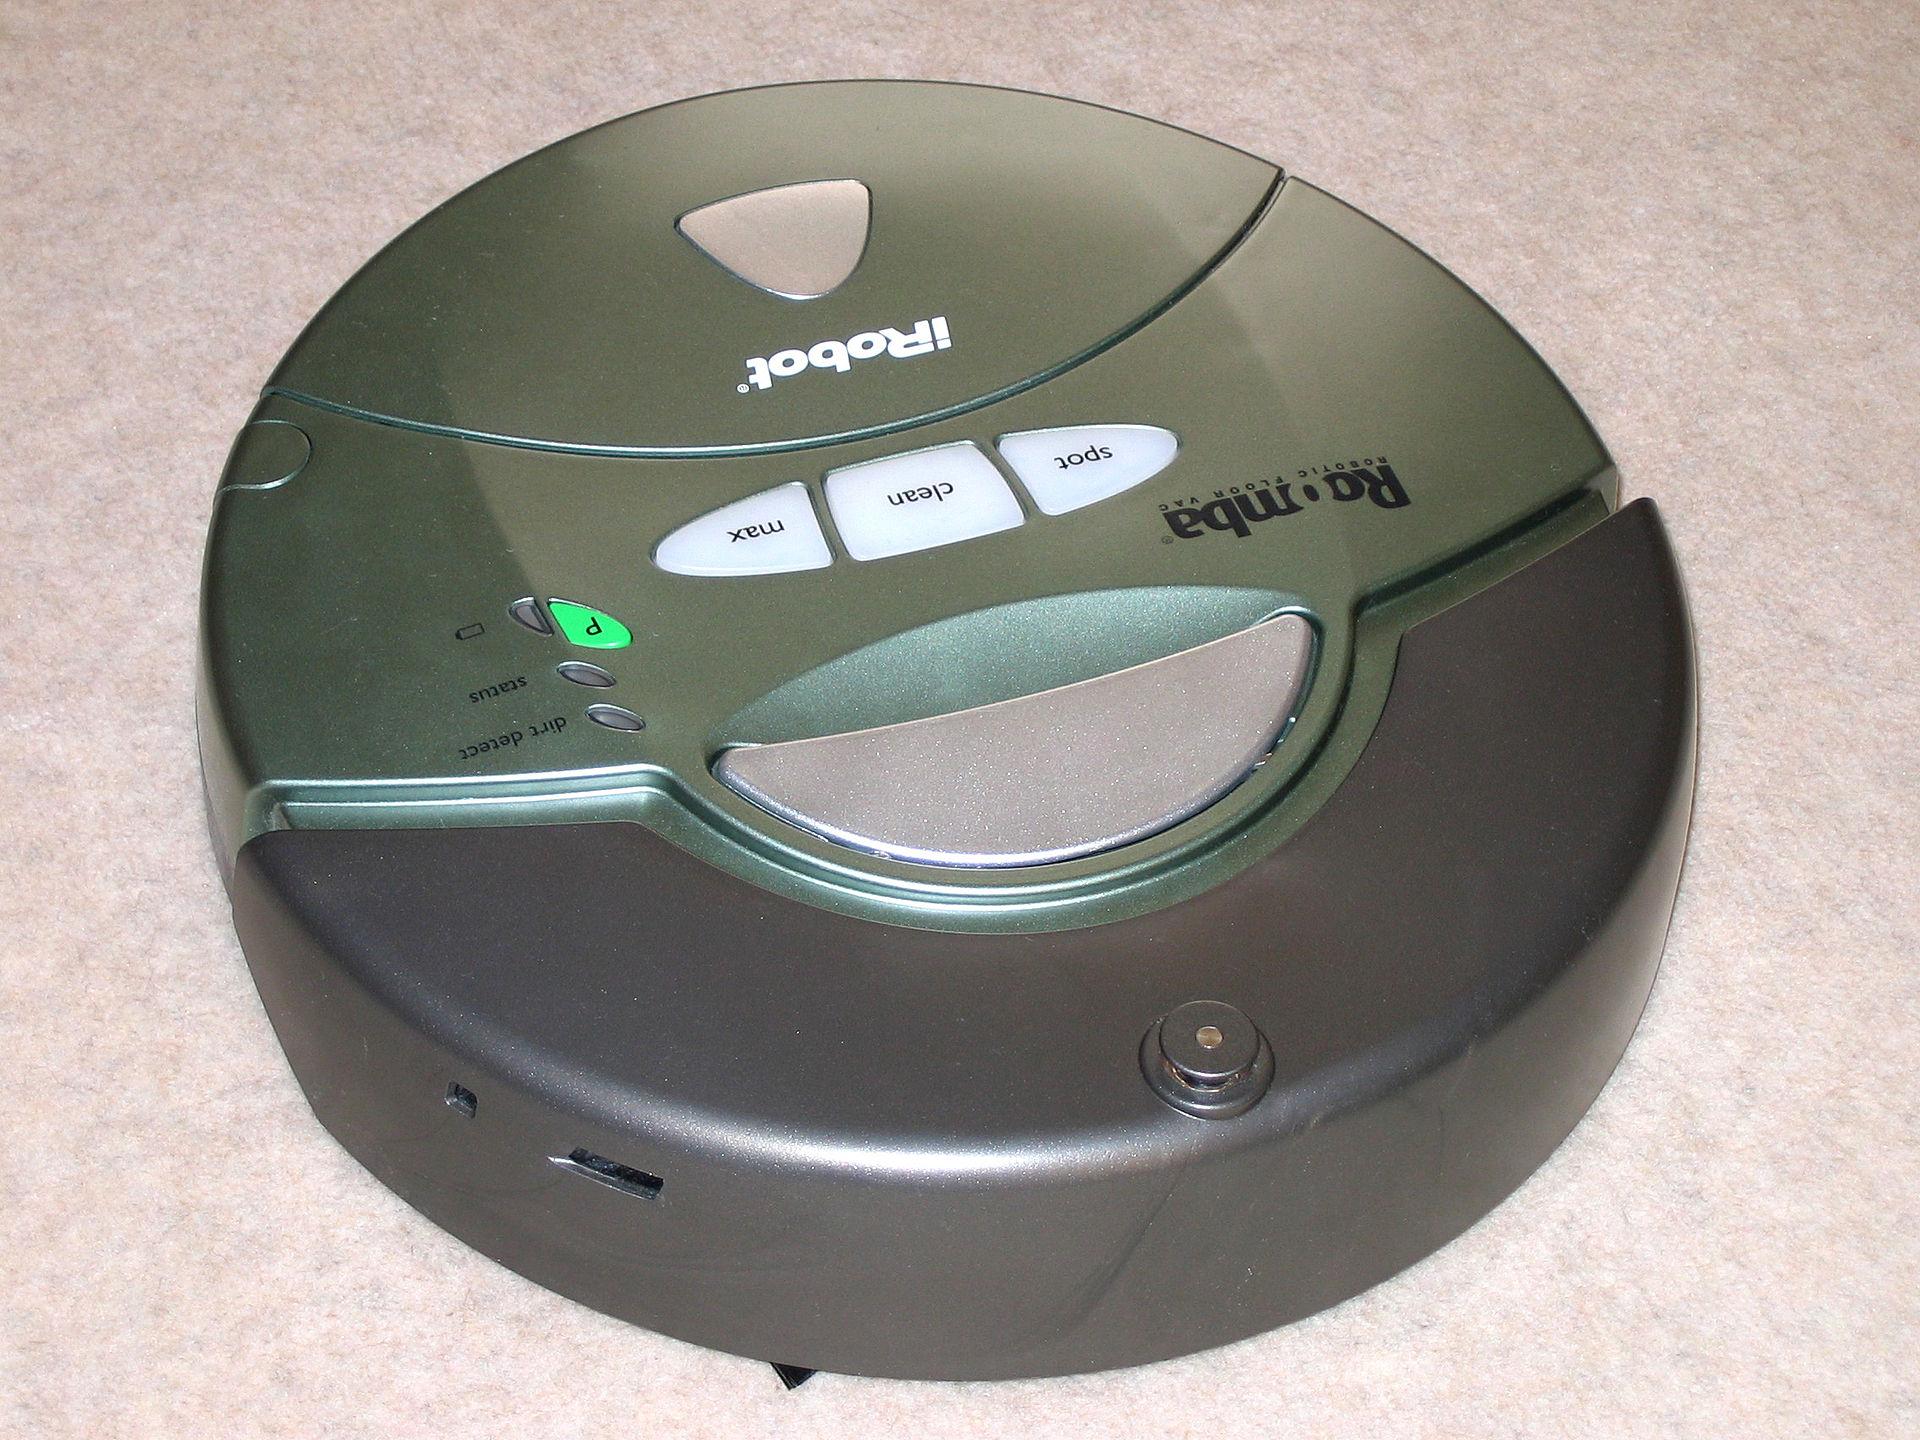 ロボット工学の2つの考え方:掃除ロボットのルンバにびっくり!